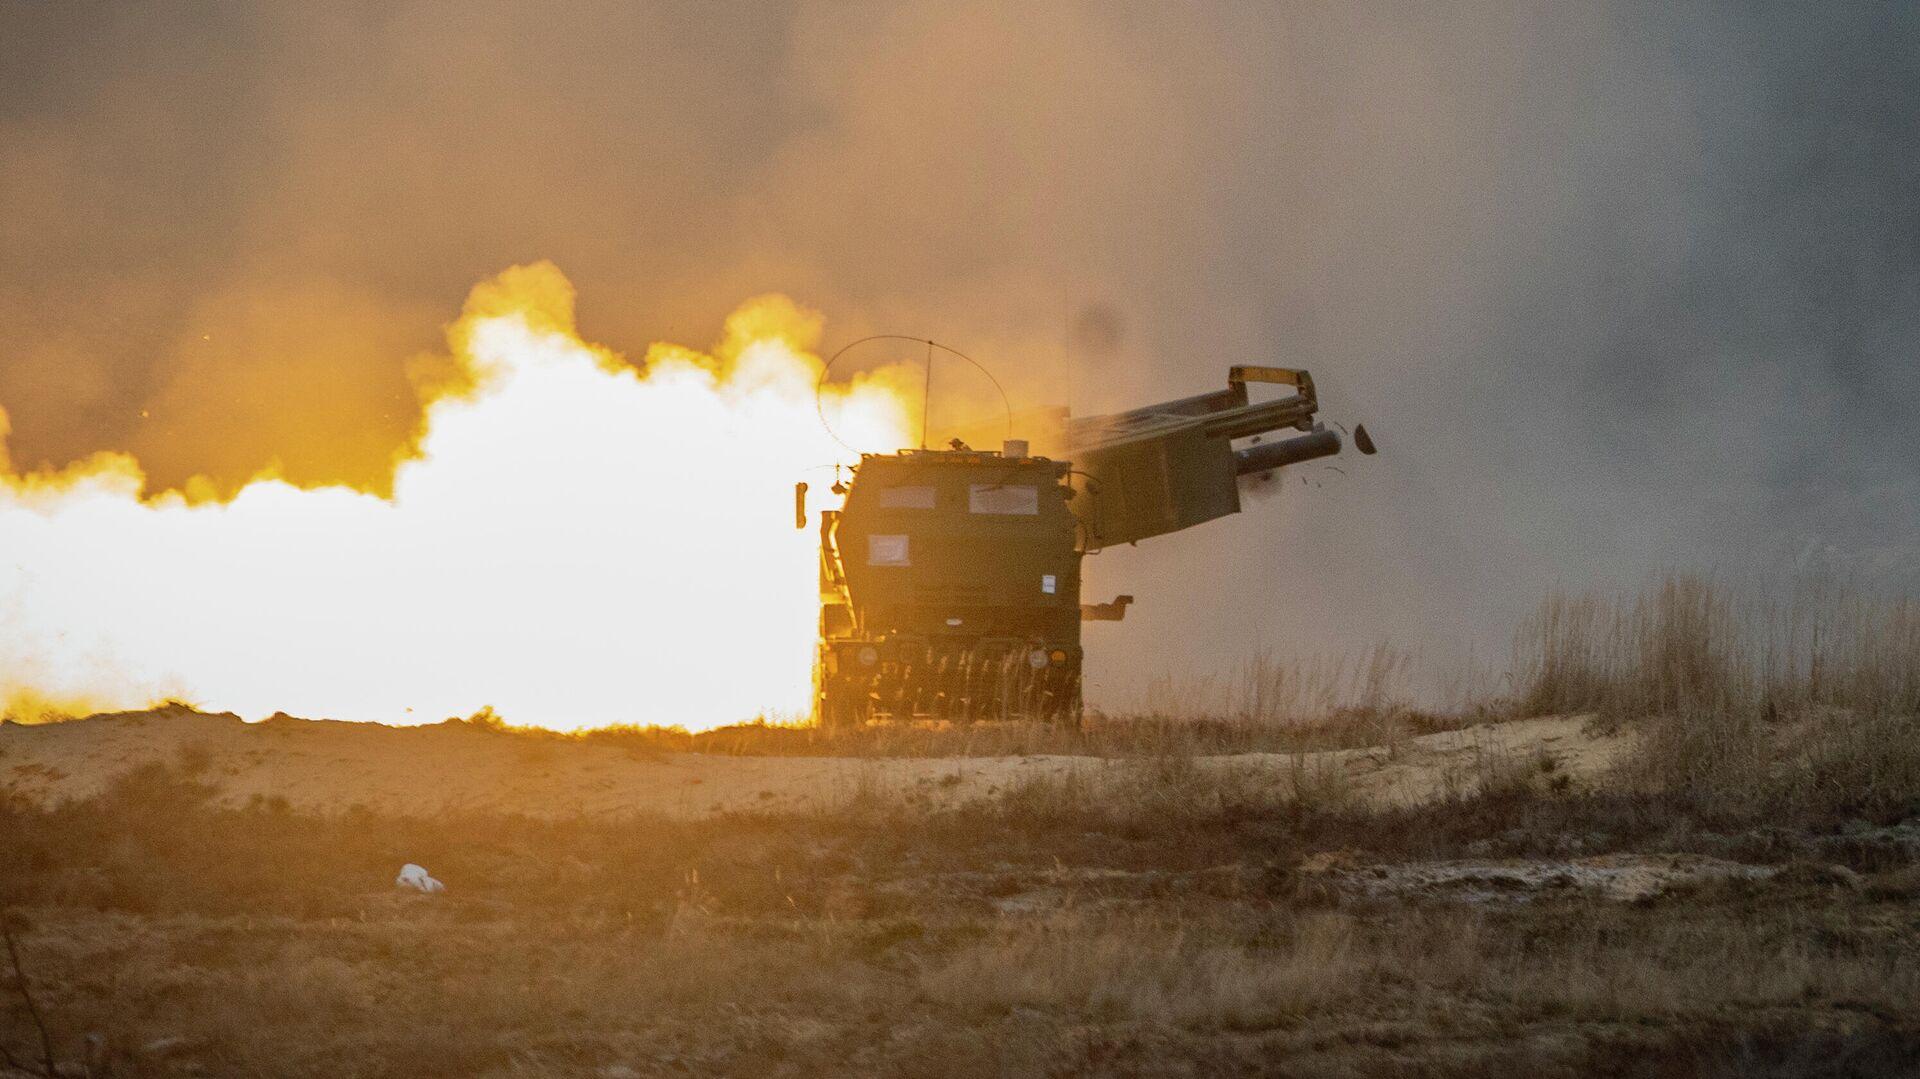 Пуск ракеты из американской ракетно-артиллерийская система оперативно-тактического назначения  - РИА Новости, 1920, 25.01.2020